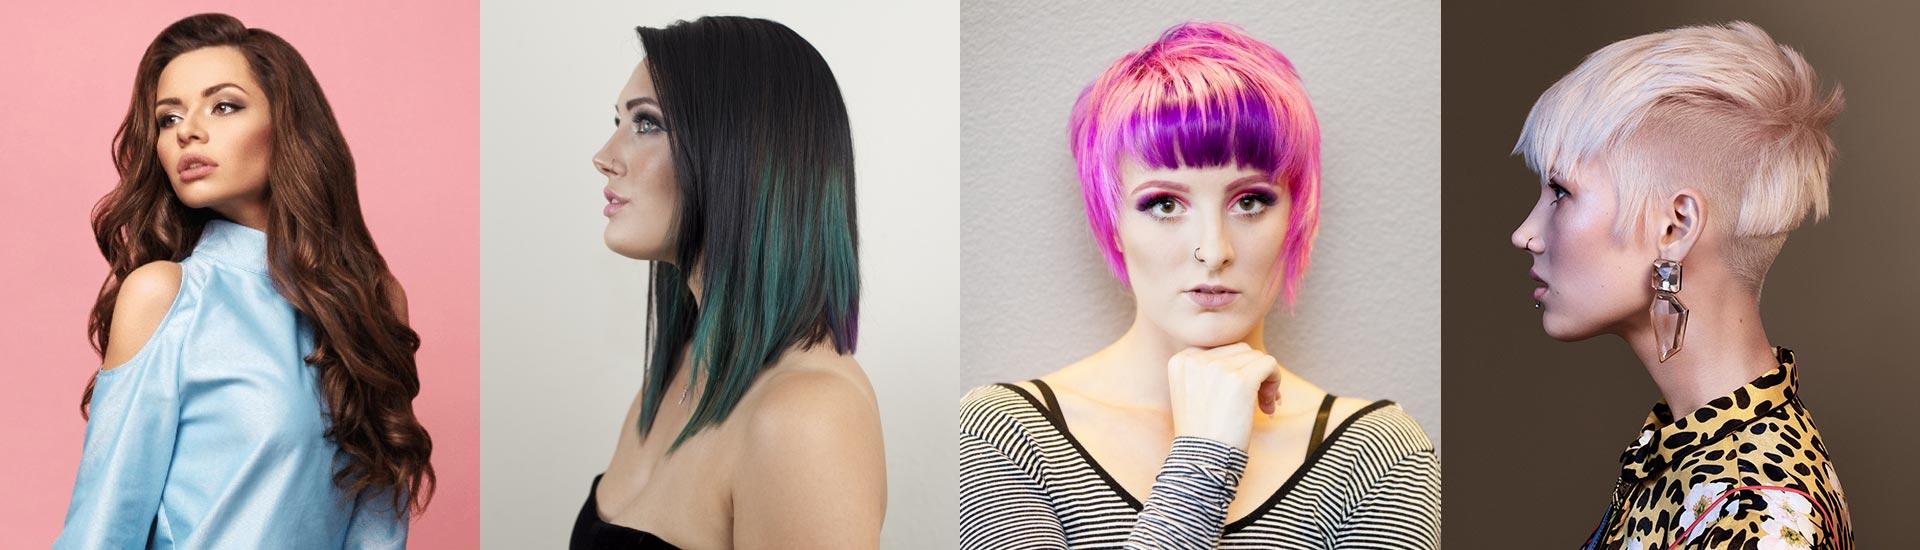 Hair Coloring in Allen TX, Carrollton TX, Frisco, Plano, Richardson TX